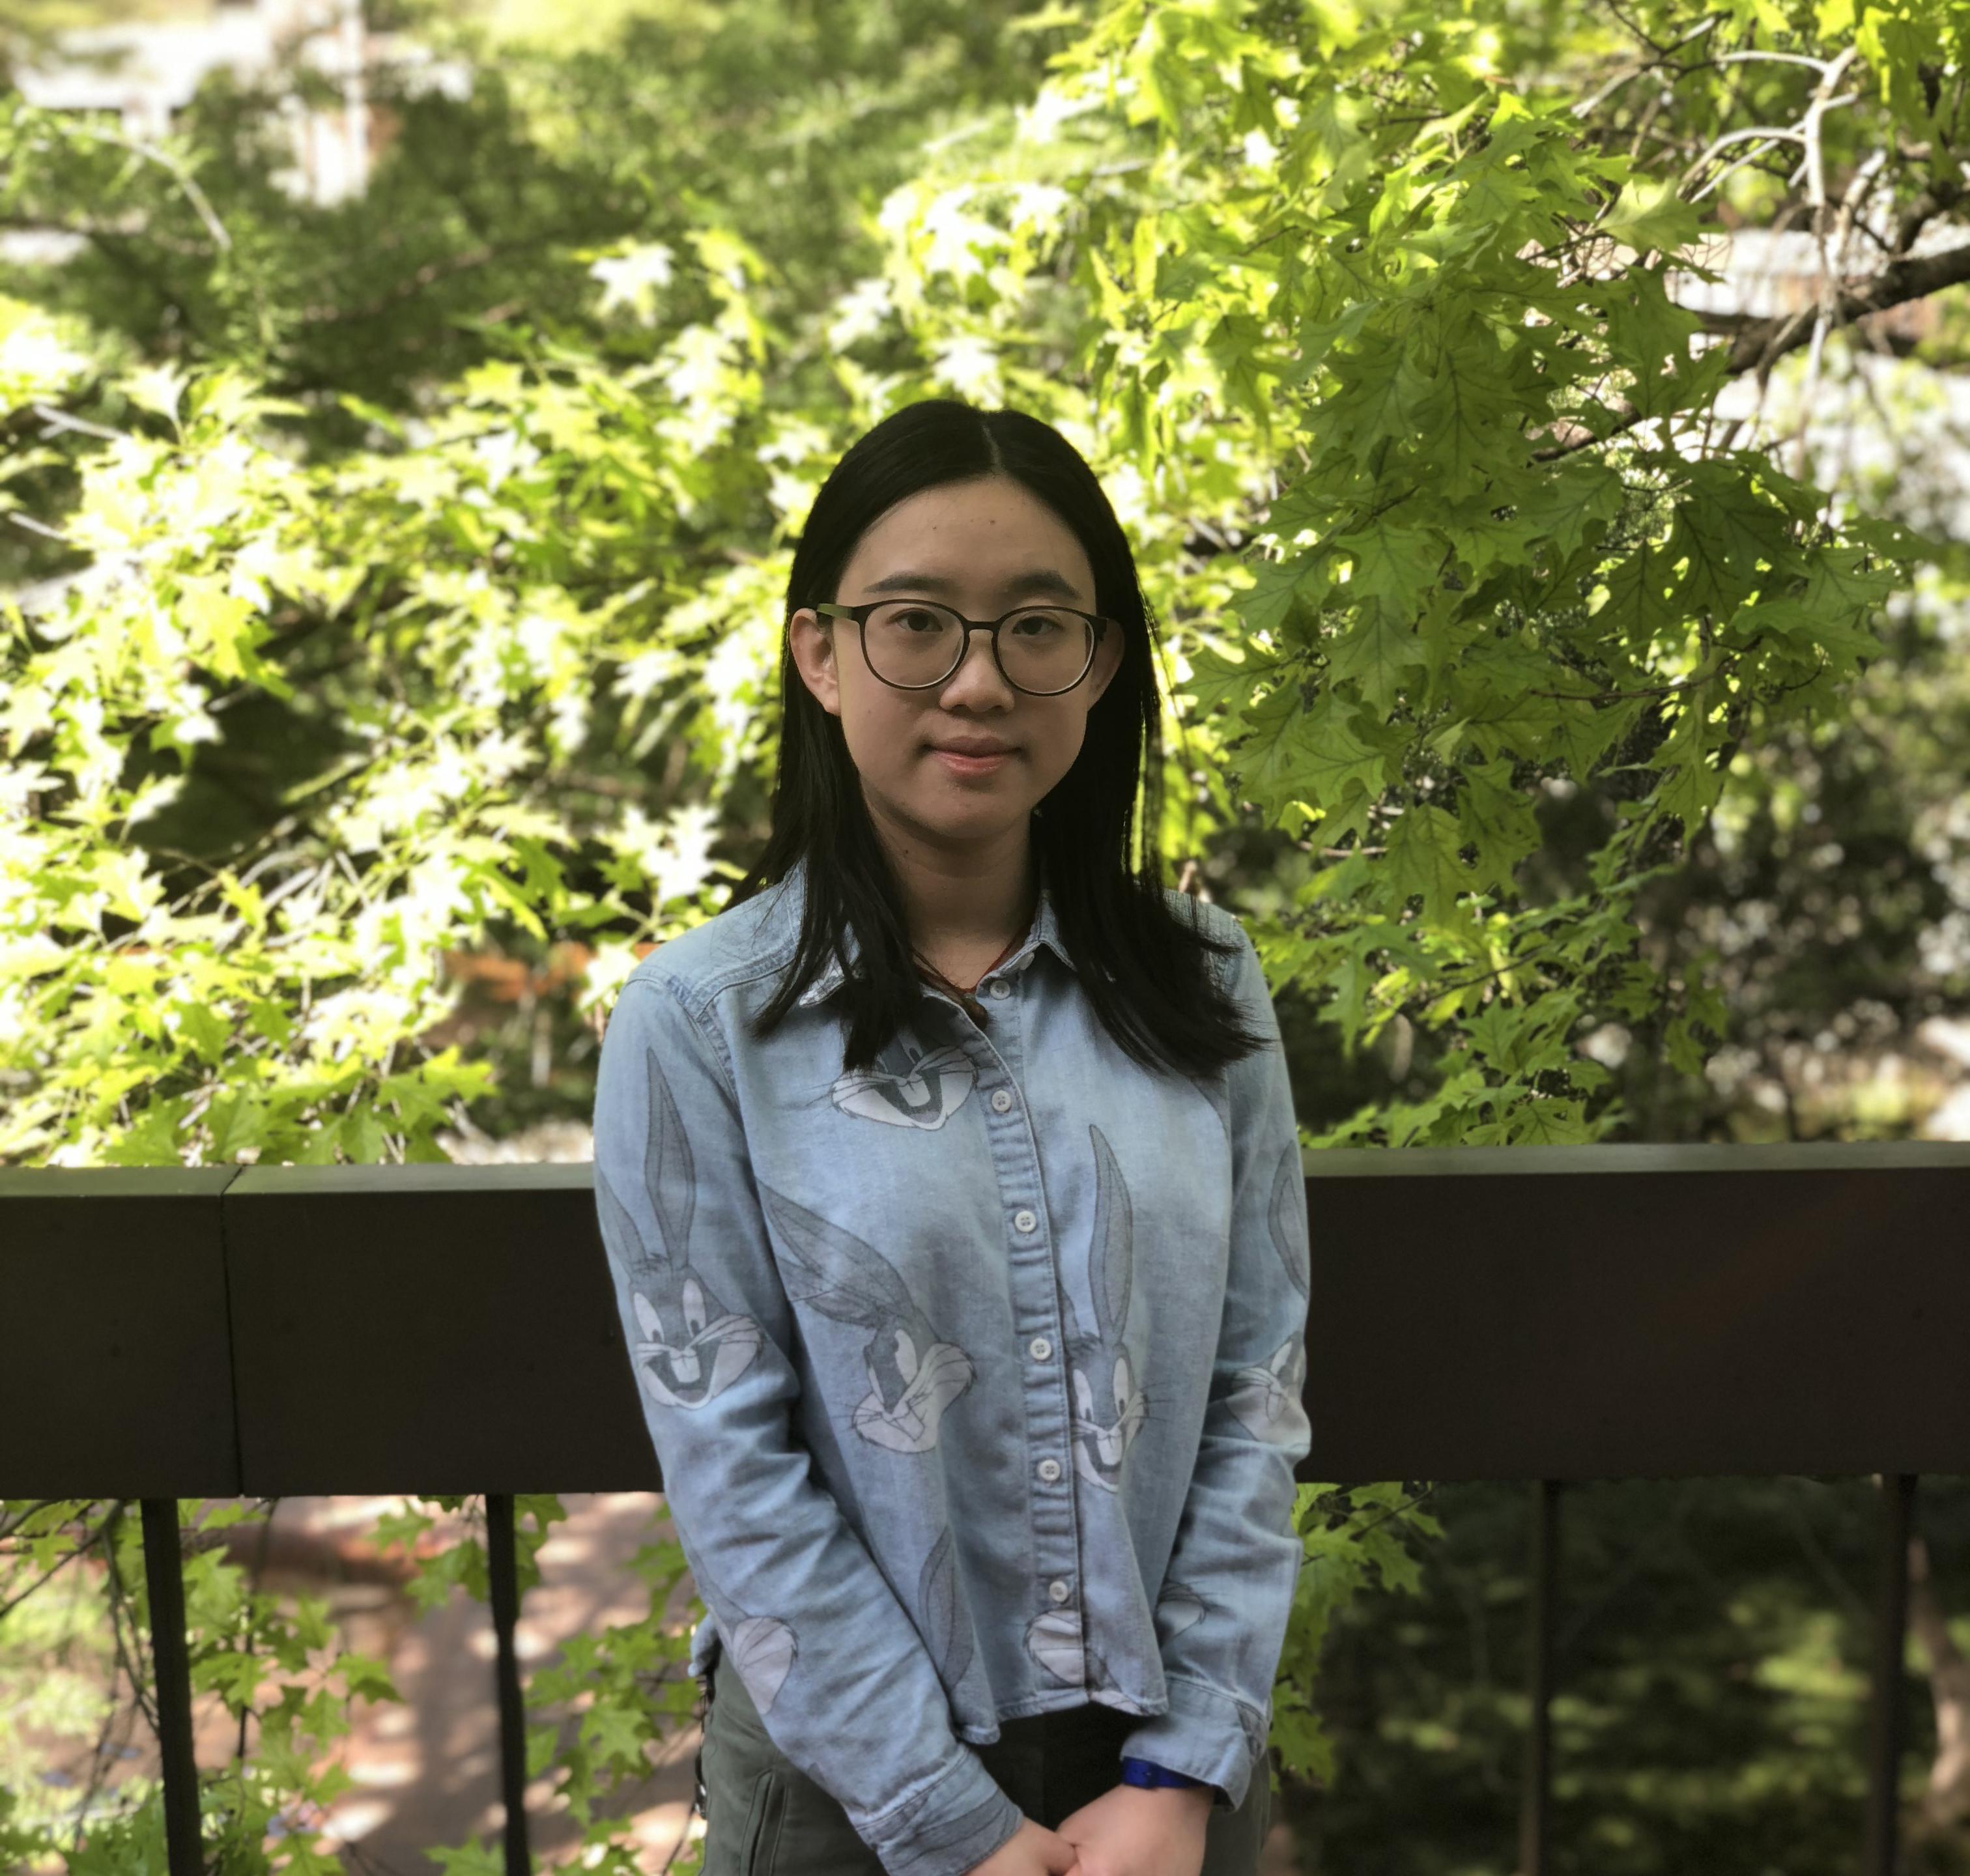 Qianbin (Winnie) Zhang